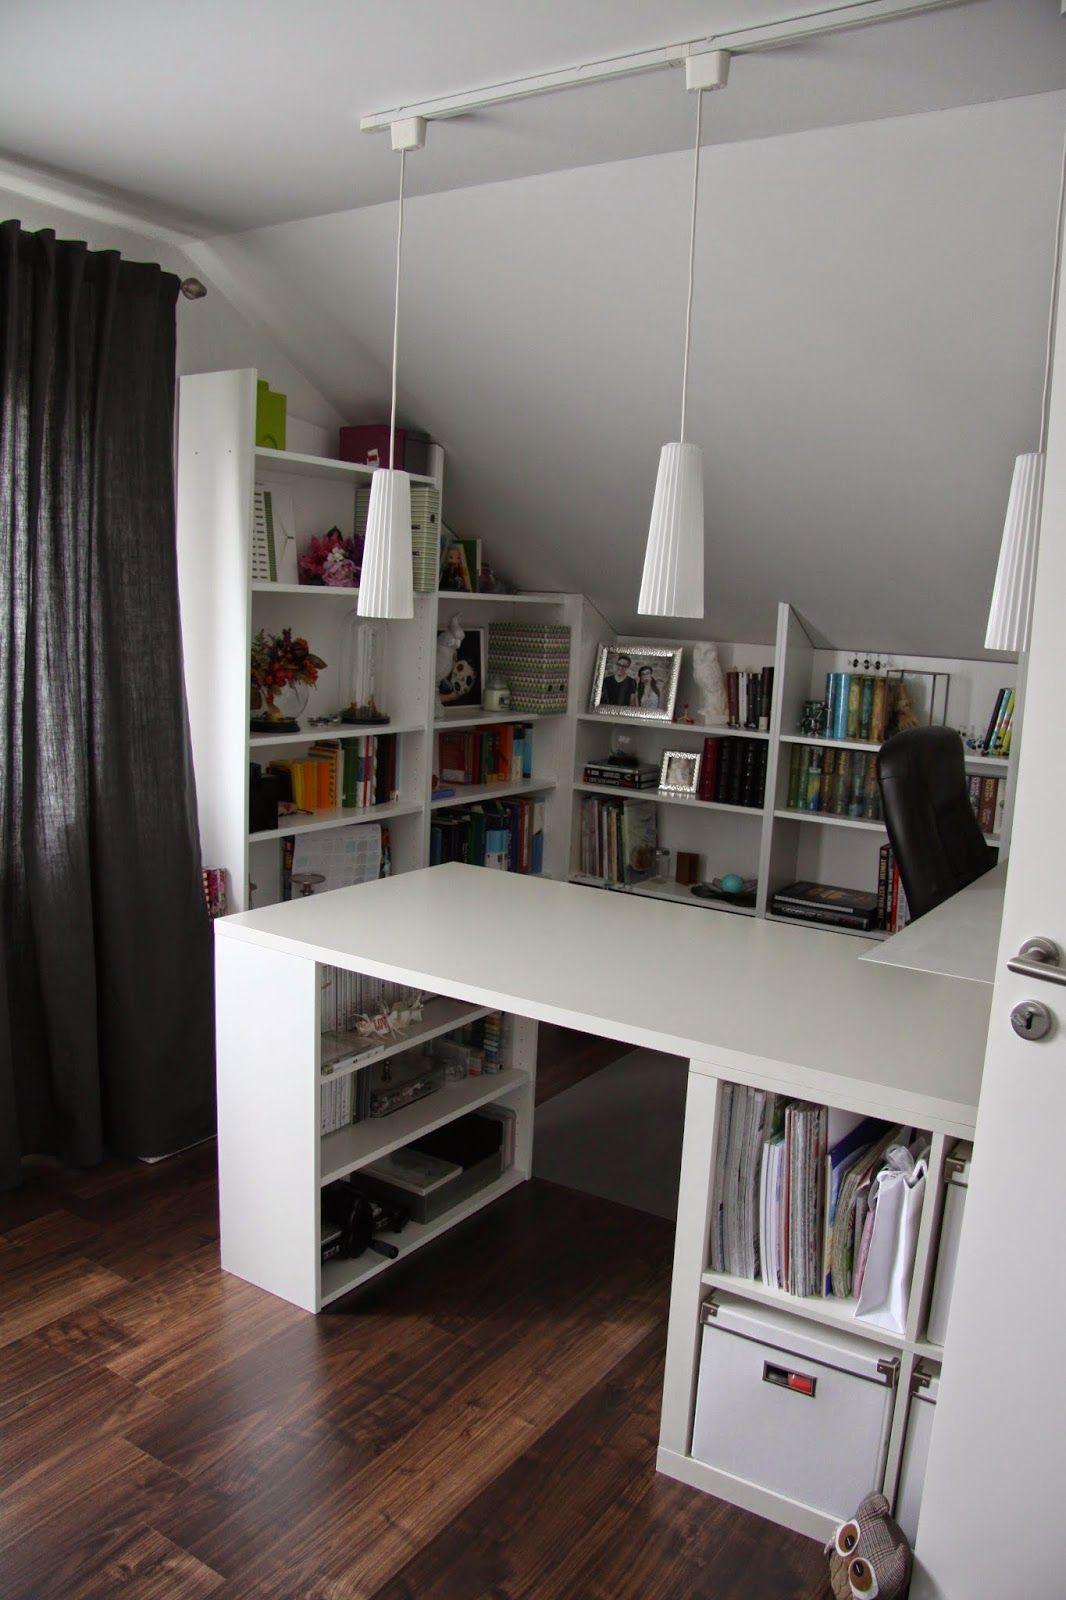 lenky verzickt bastelzimmer organisation ordnung ist. Black Bedroom Furniture Sets. Home Design Ideas